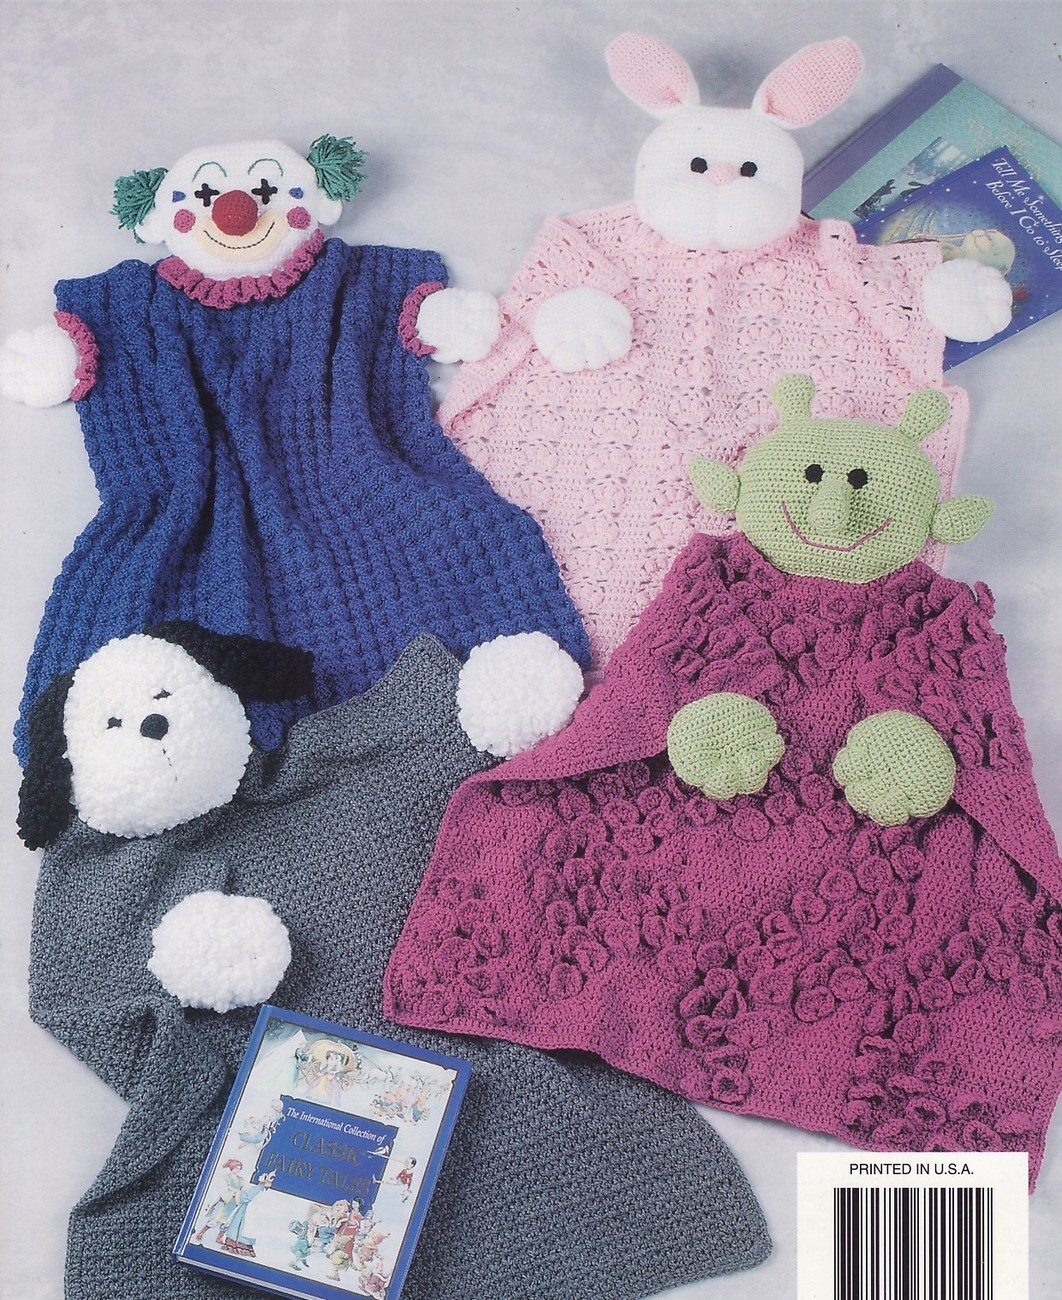 Blanket Buddies Crochet Patterns Book Annies Baby 7 ...